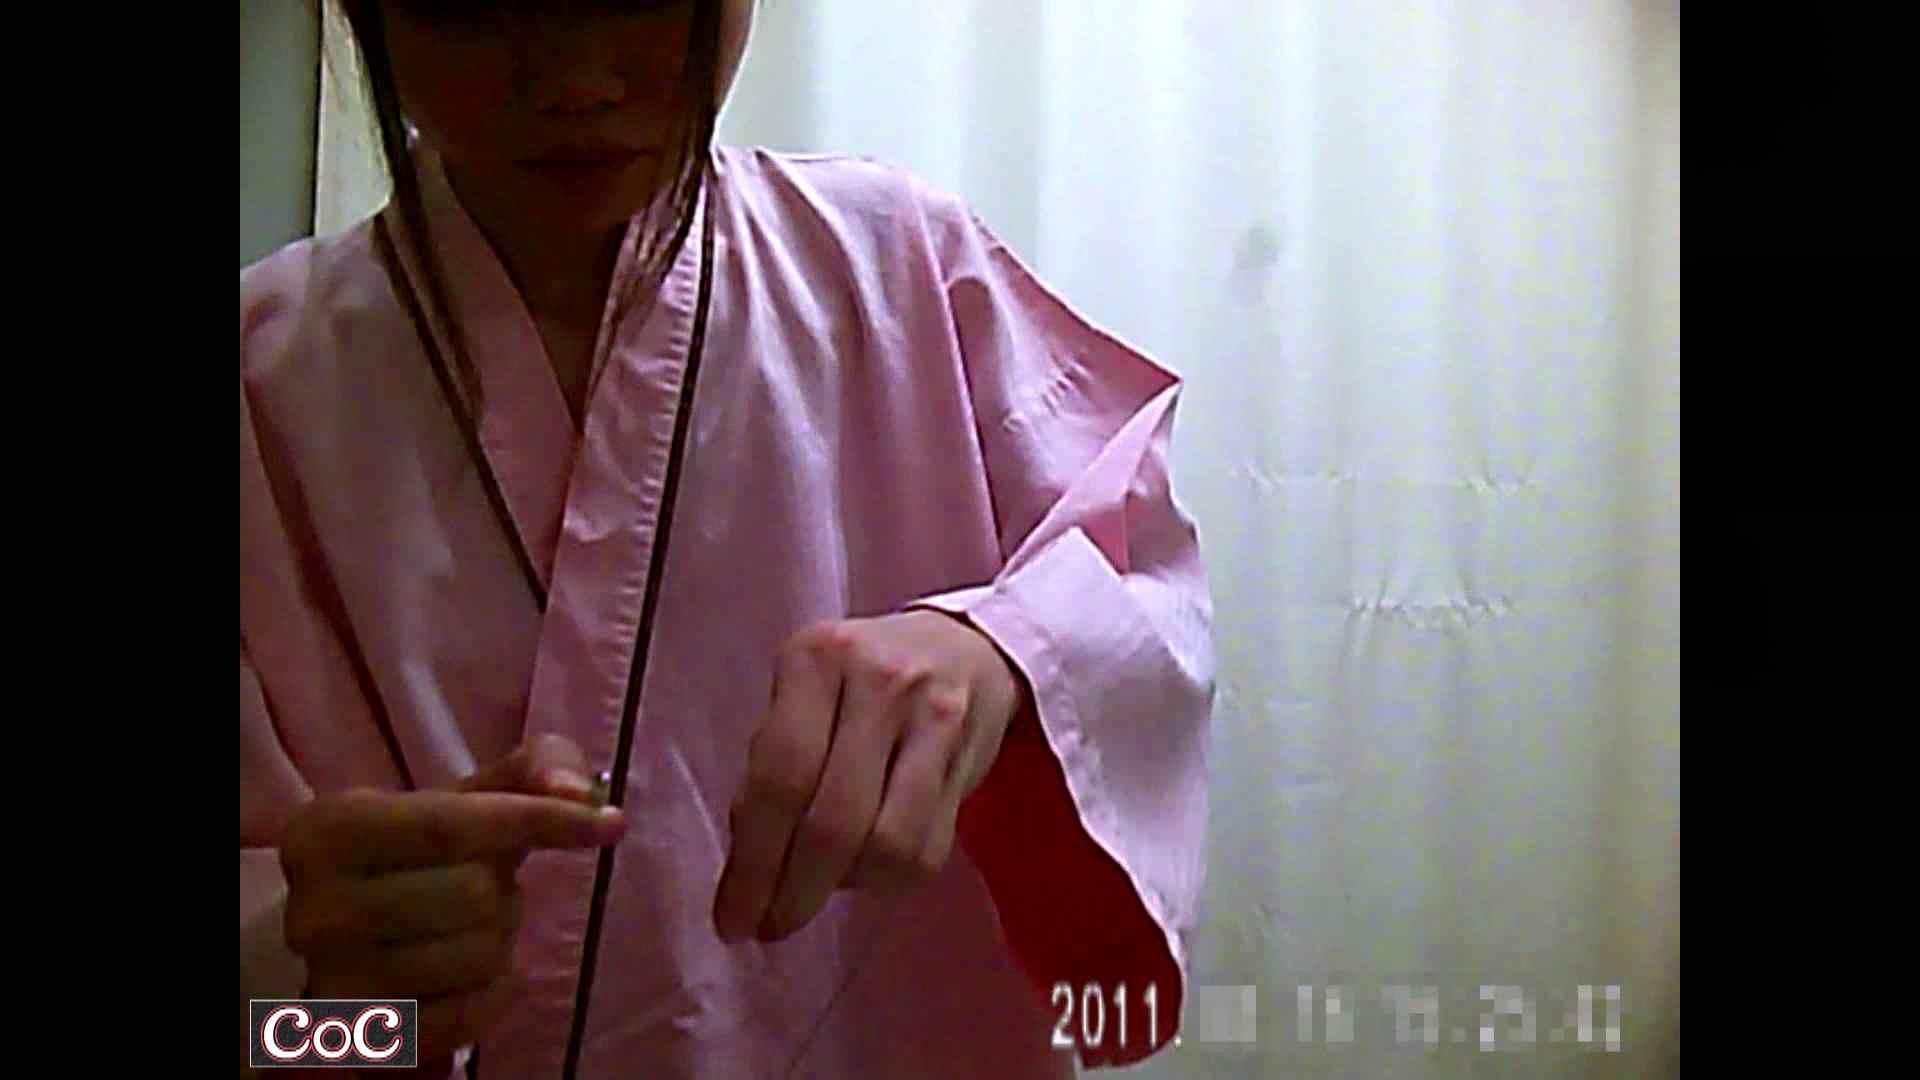 病院おもいっきり着替え! vol.16 おっぱい ワレメ動画紹介 110PIX 31